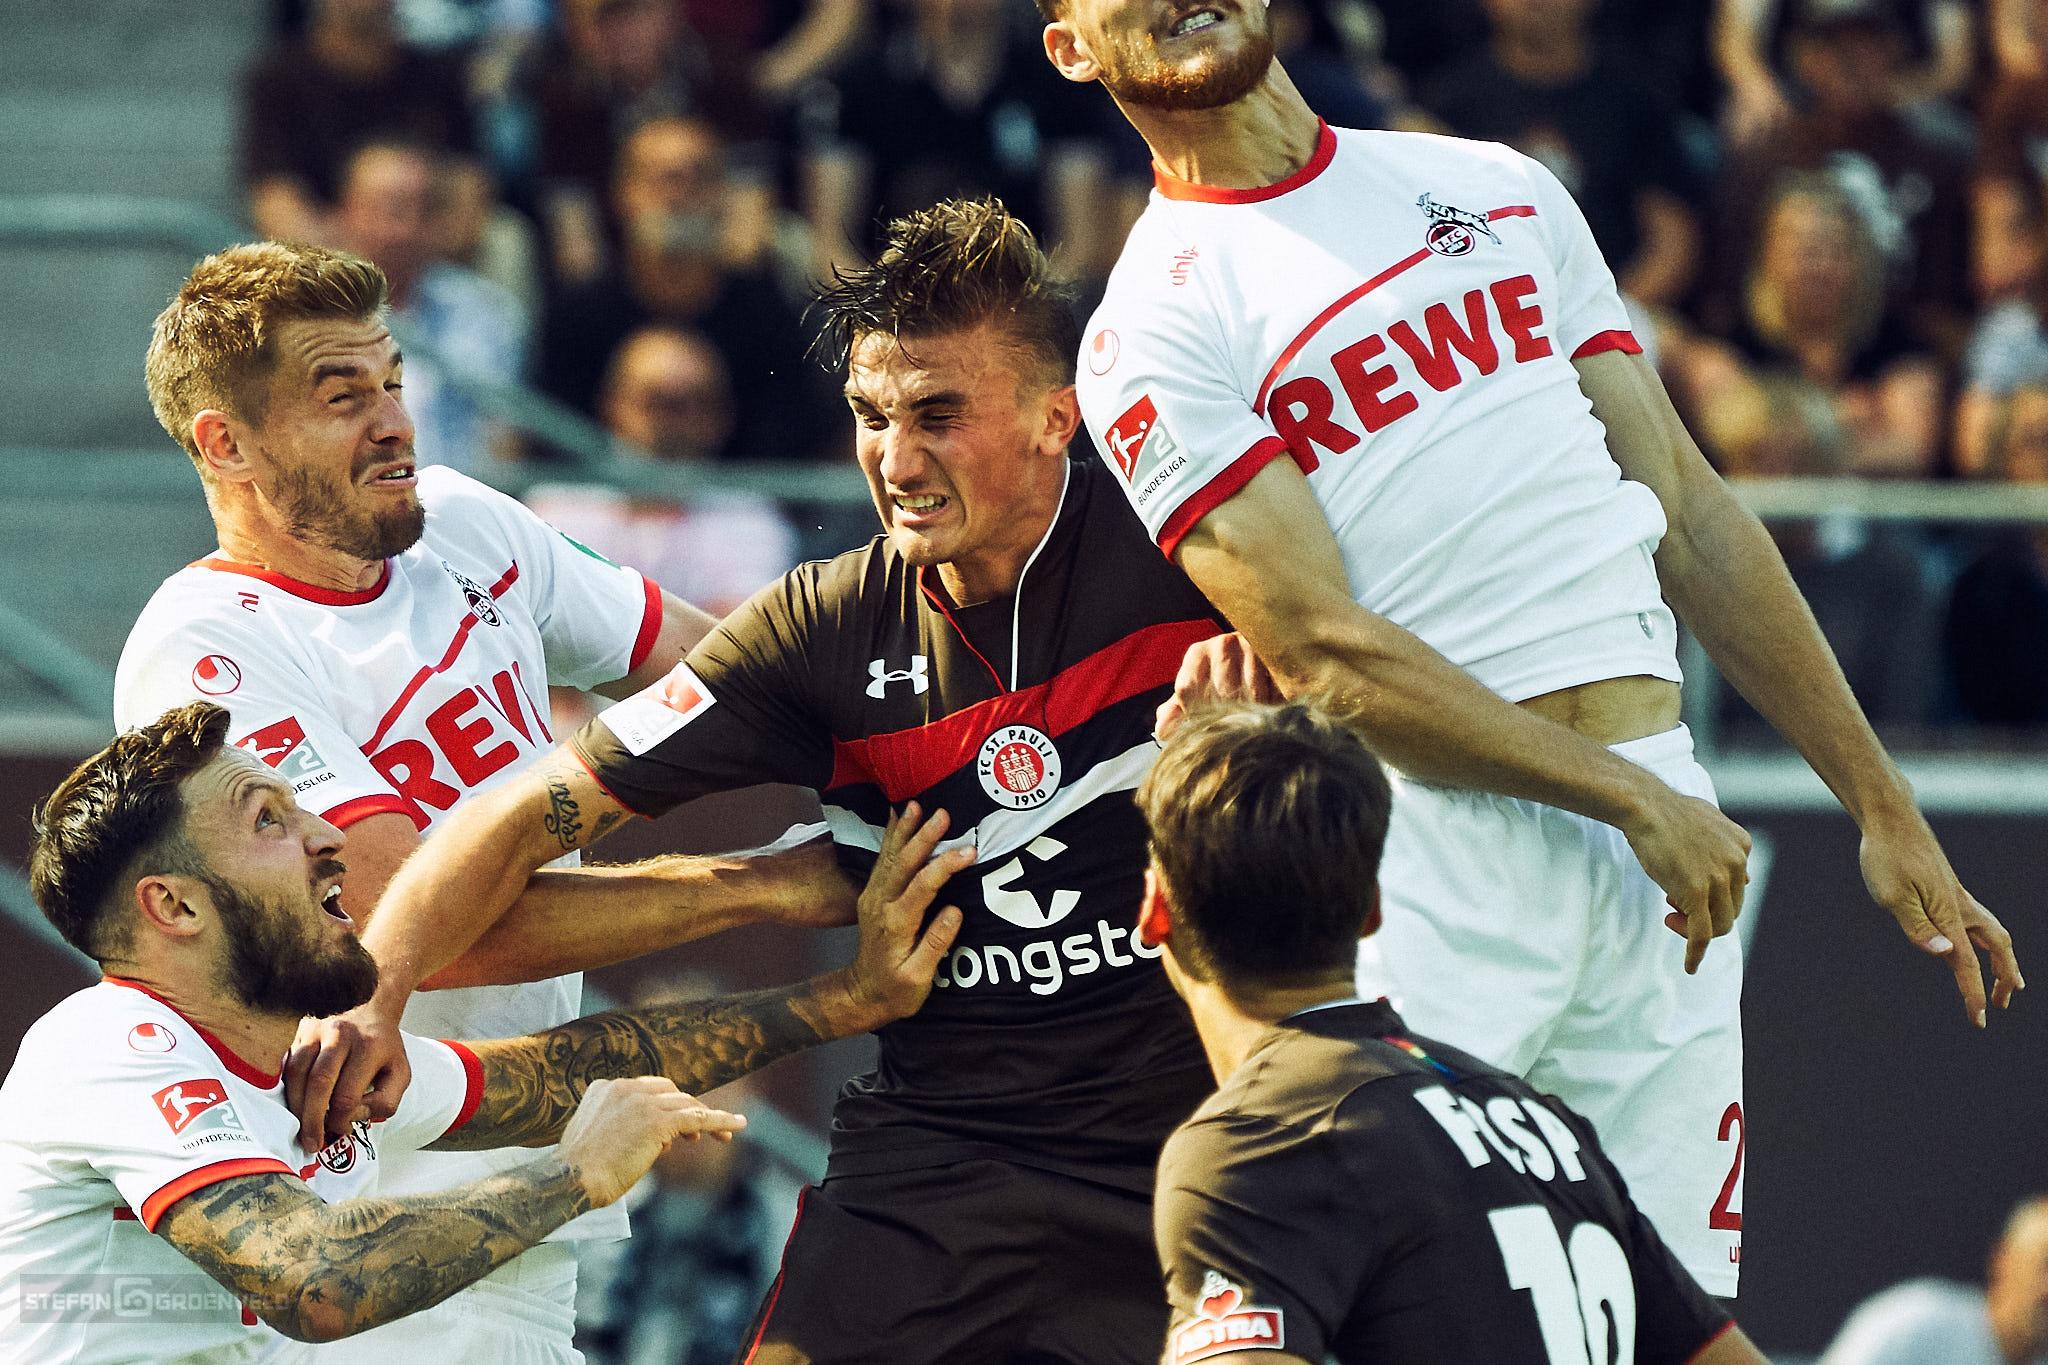 Nach dem Spiel – 1. FC Köln (H) – Spieltag 4 – Saison 2018/19